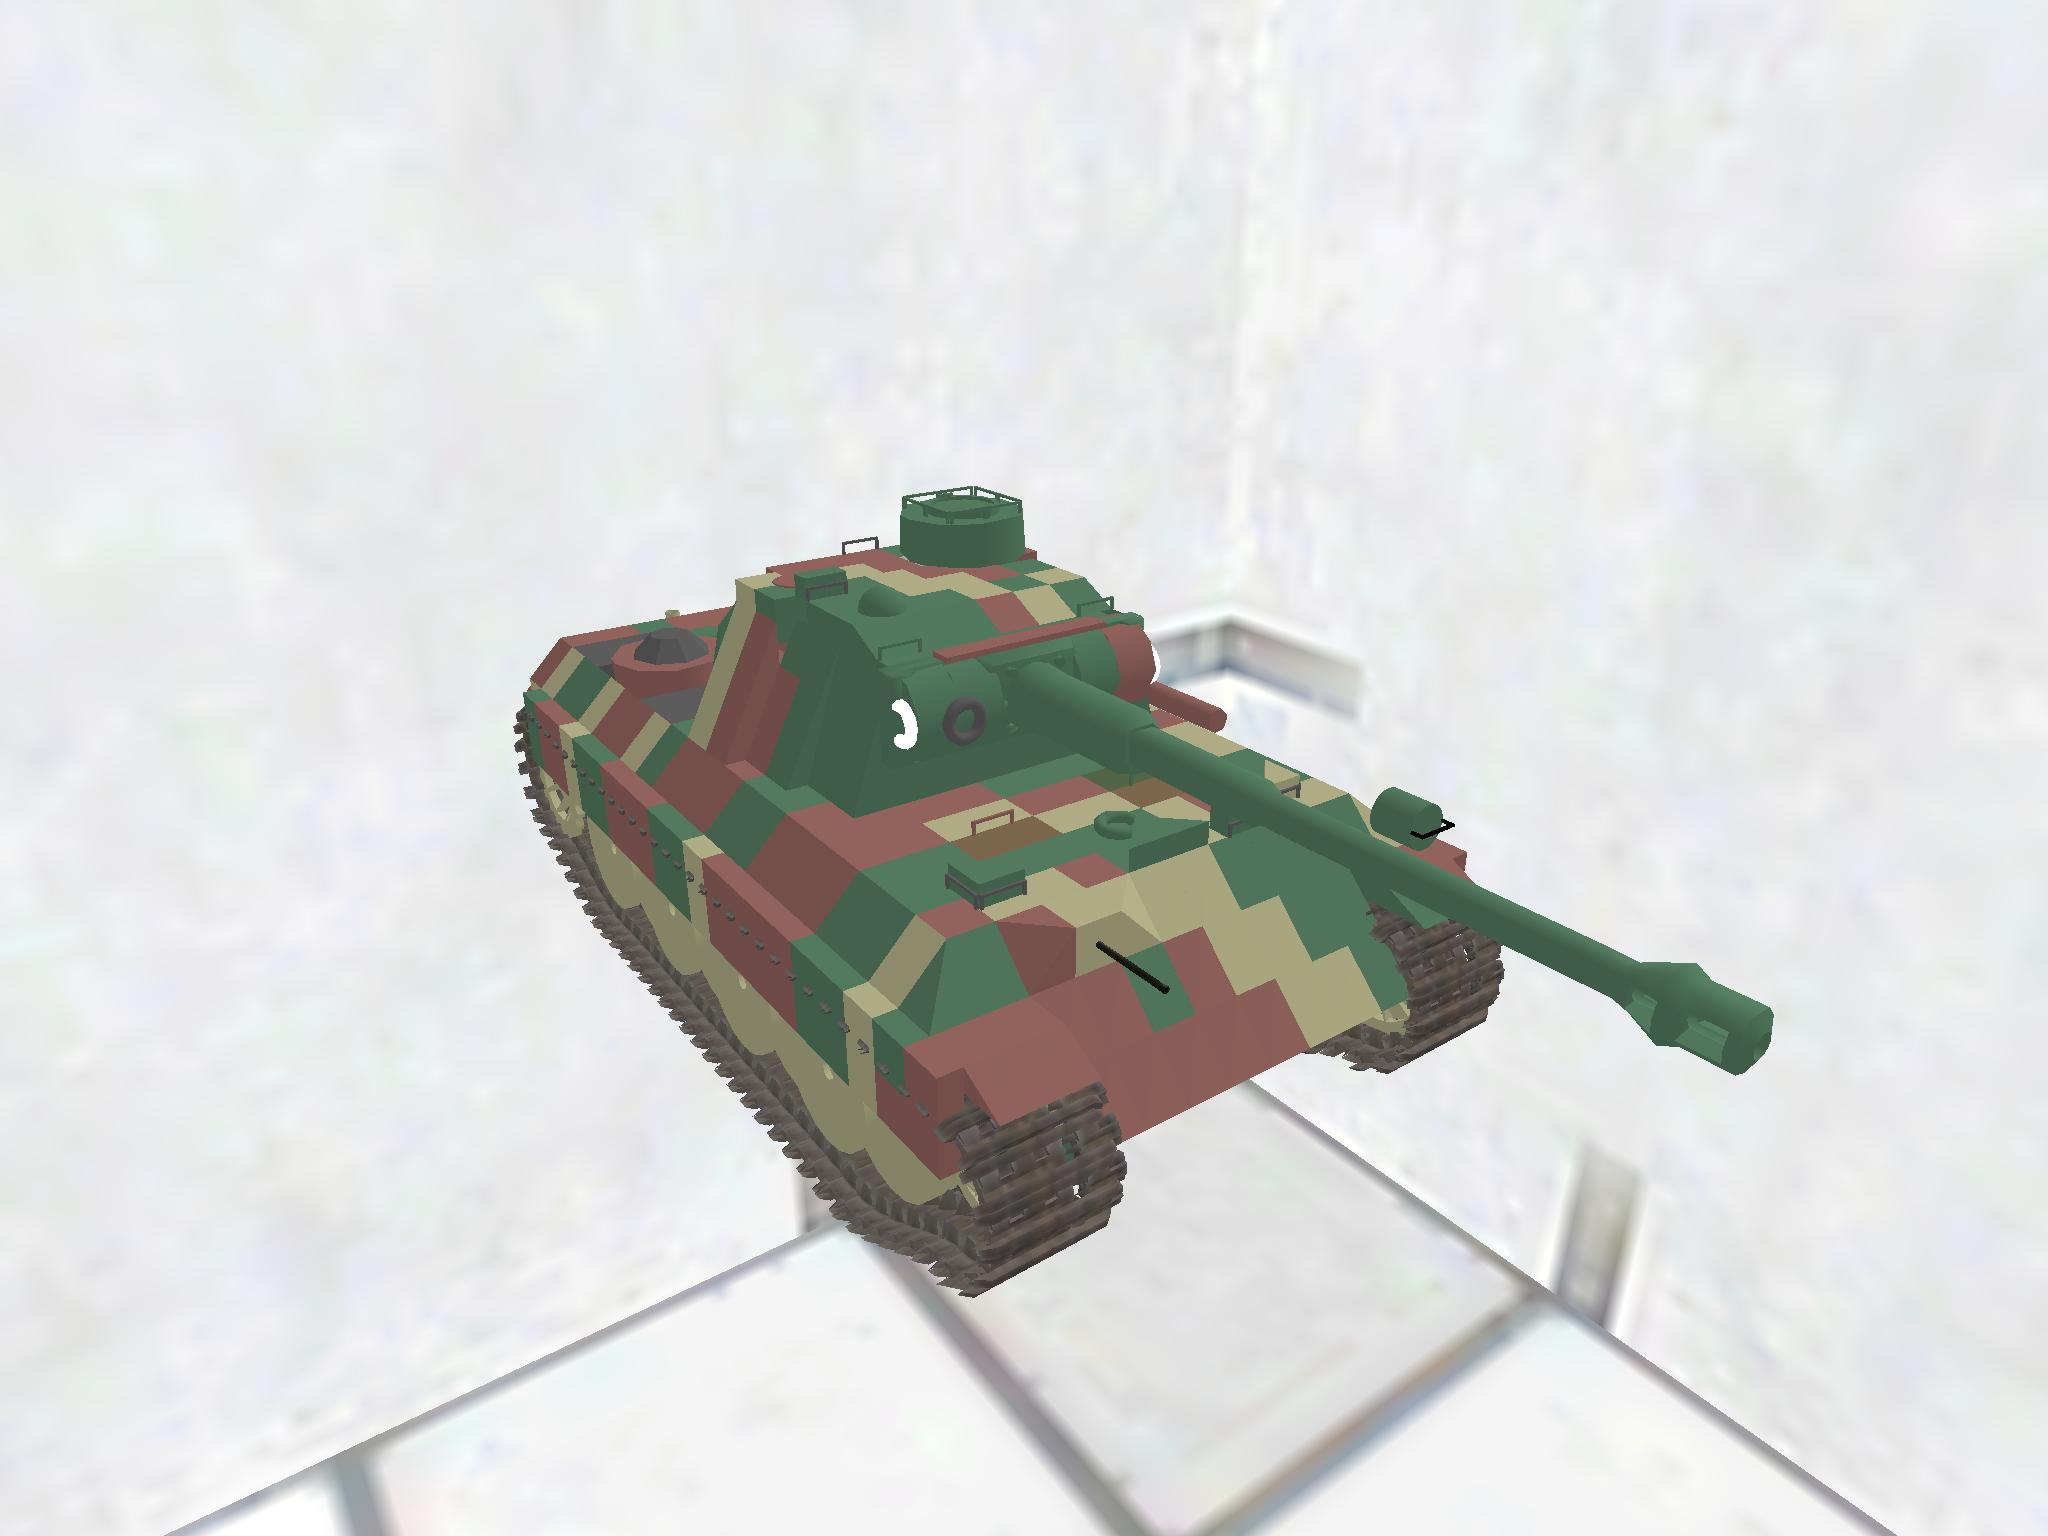 Bretagne Panther